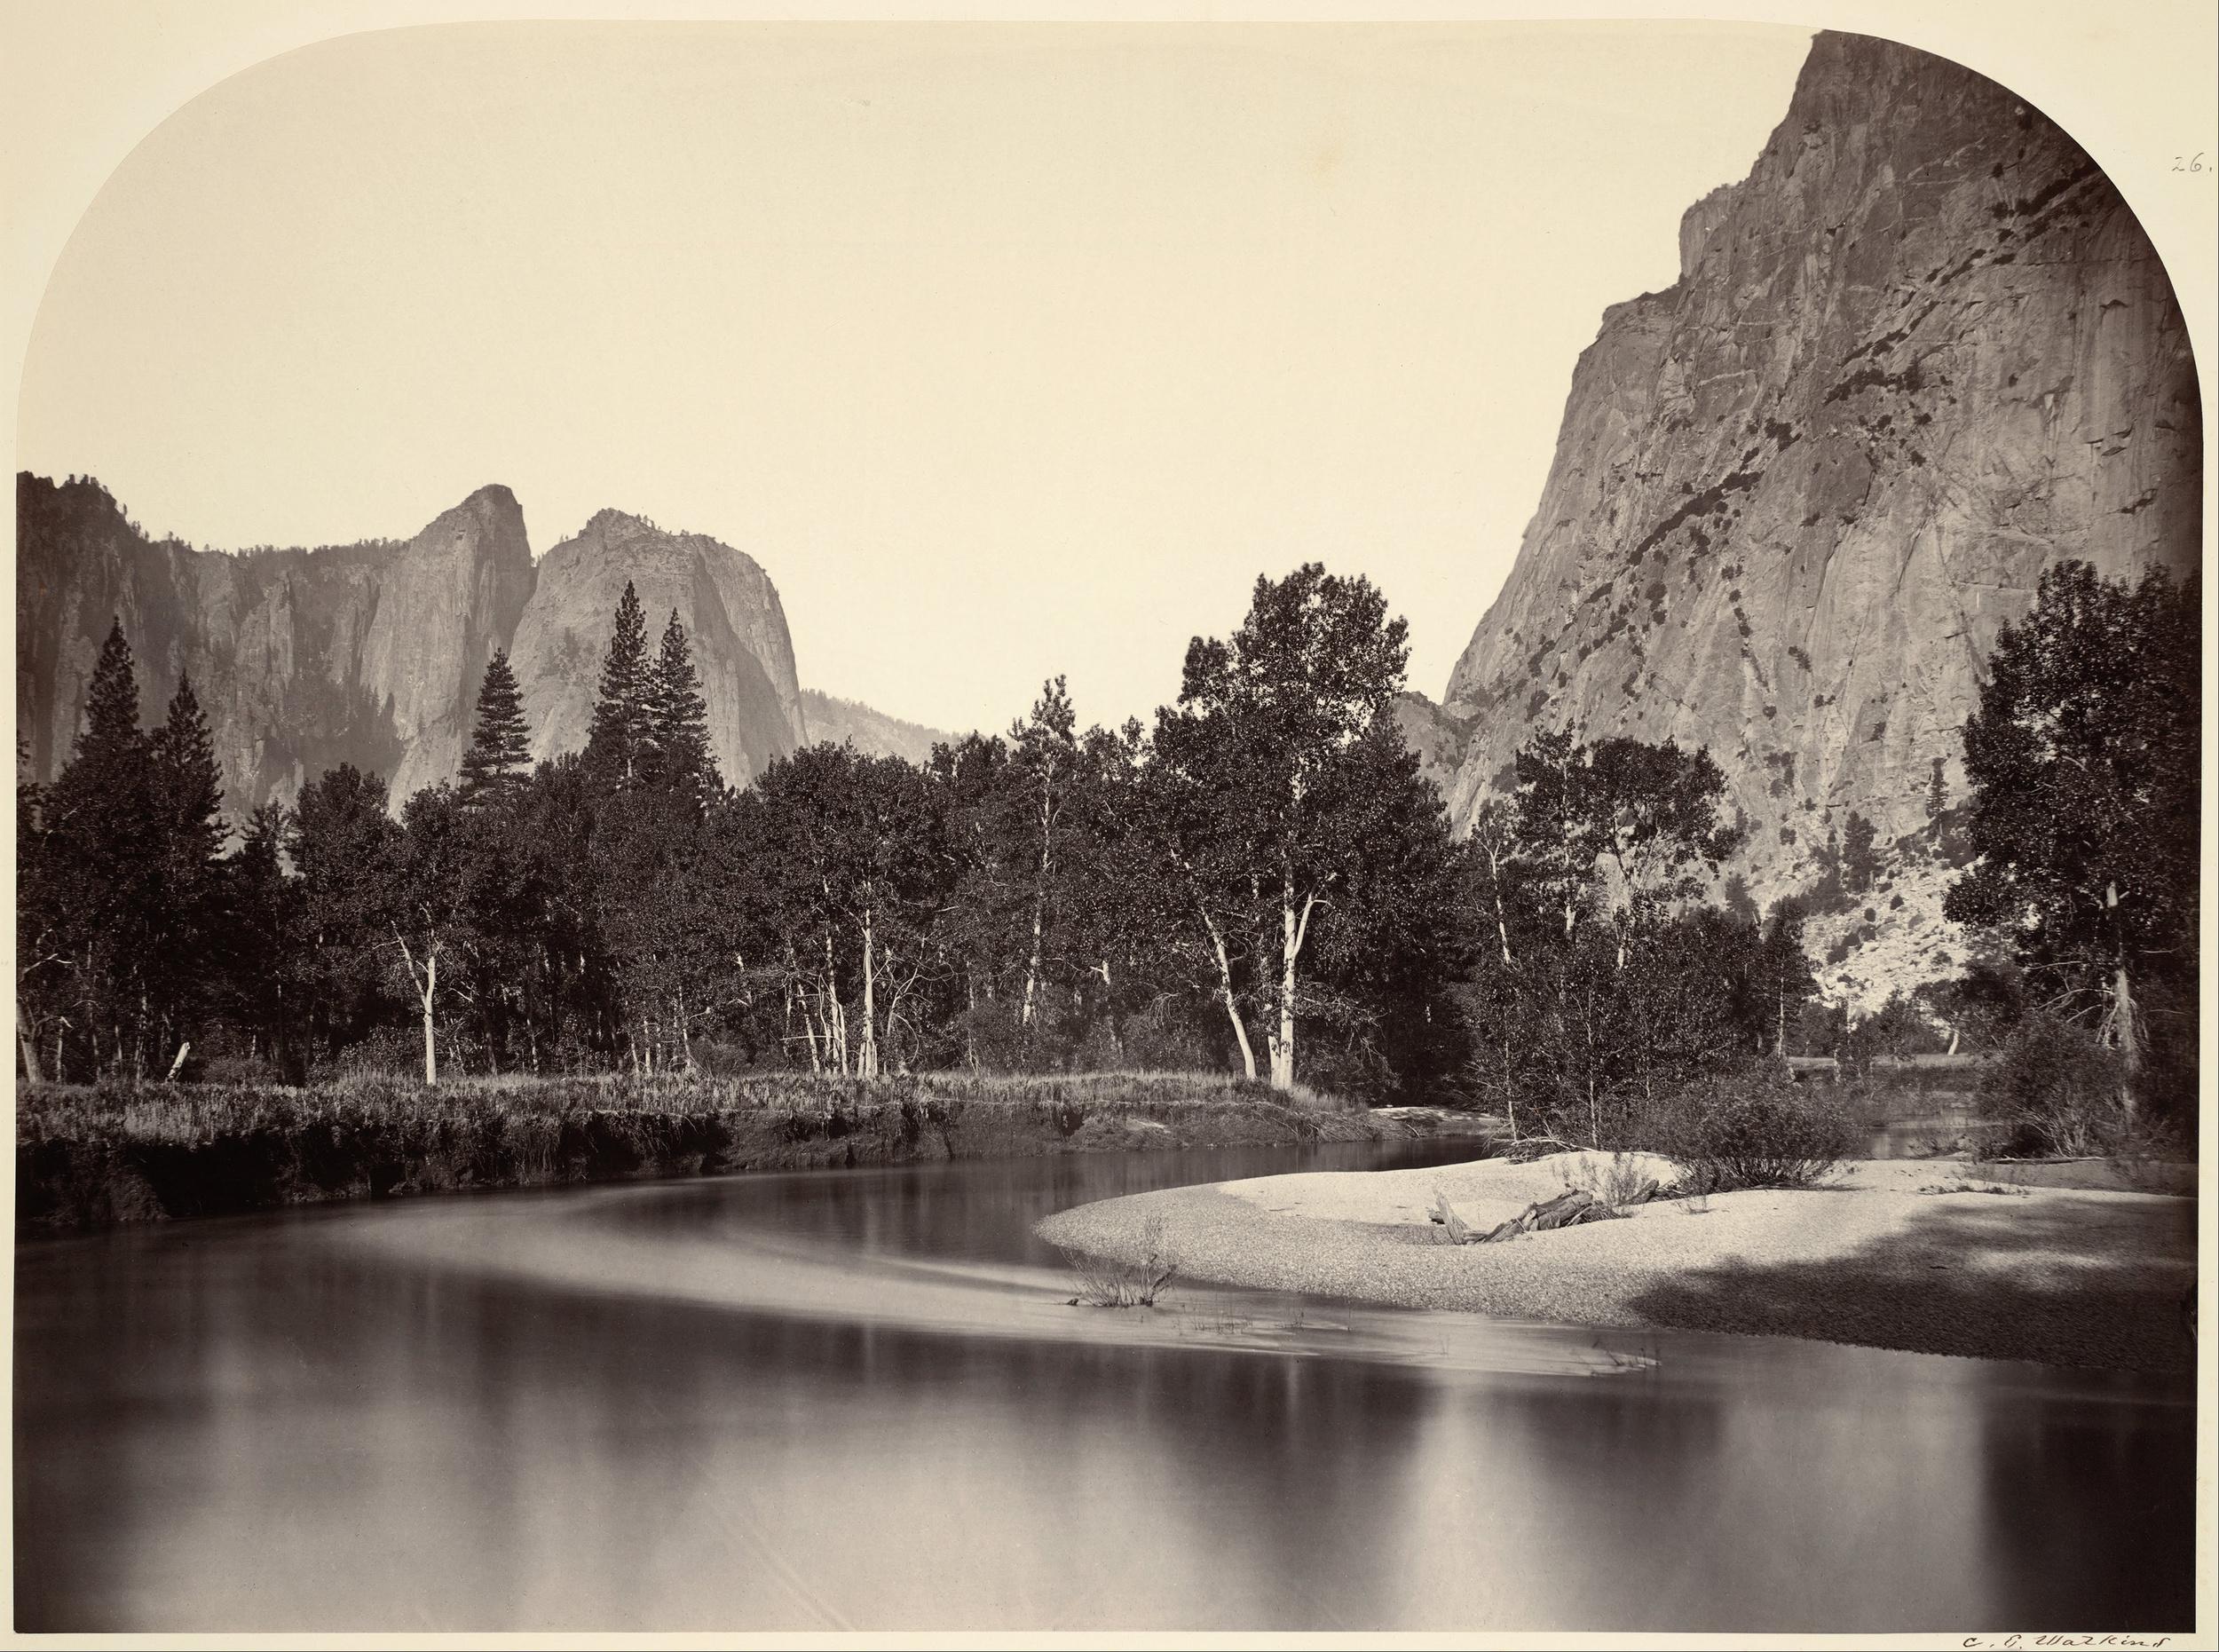 Carleton Watkins: Yosemite, California